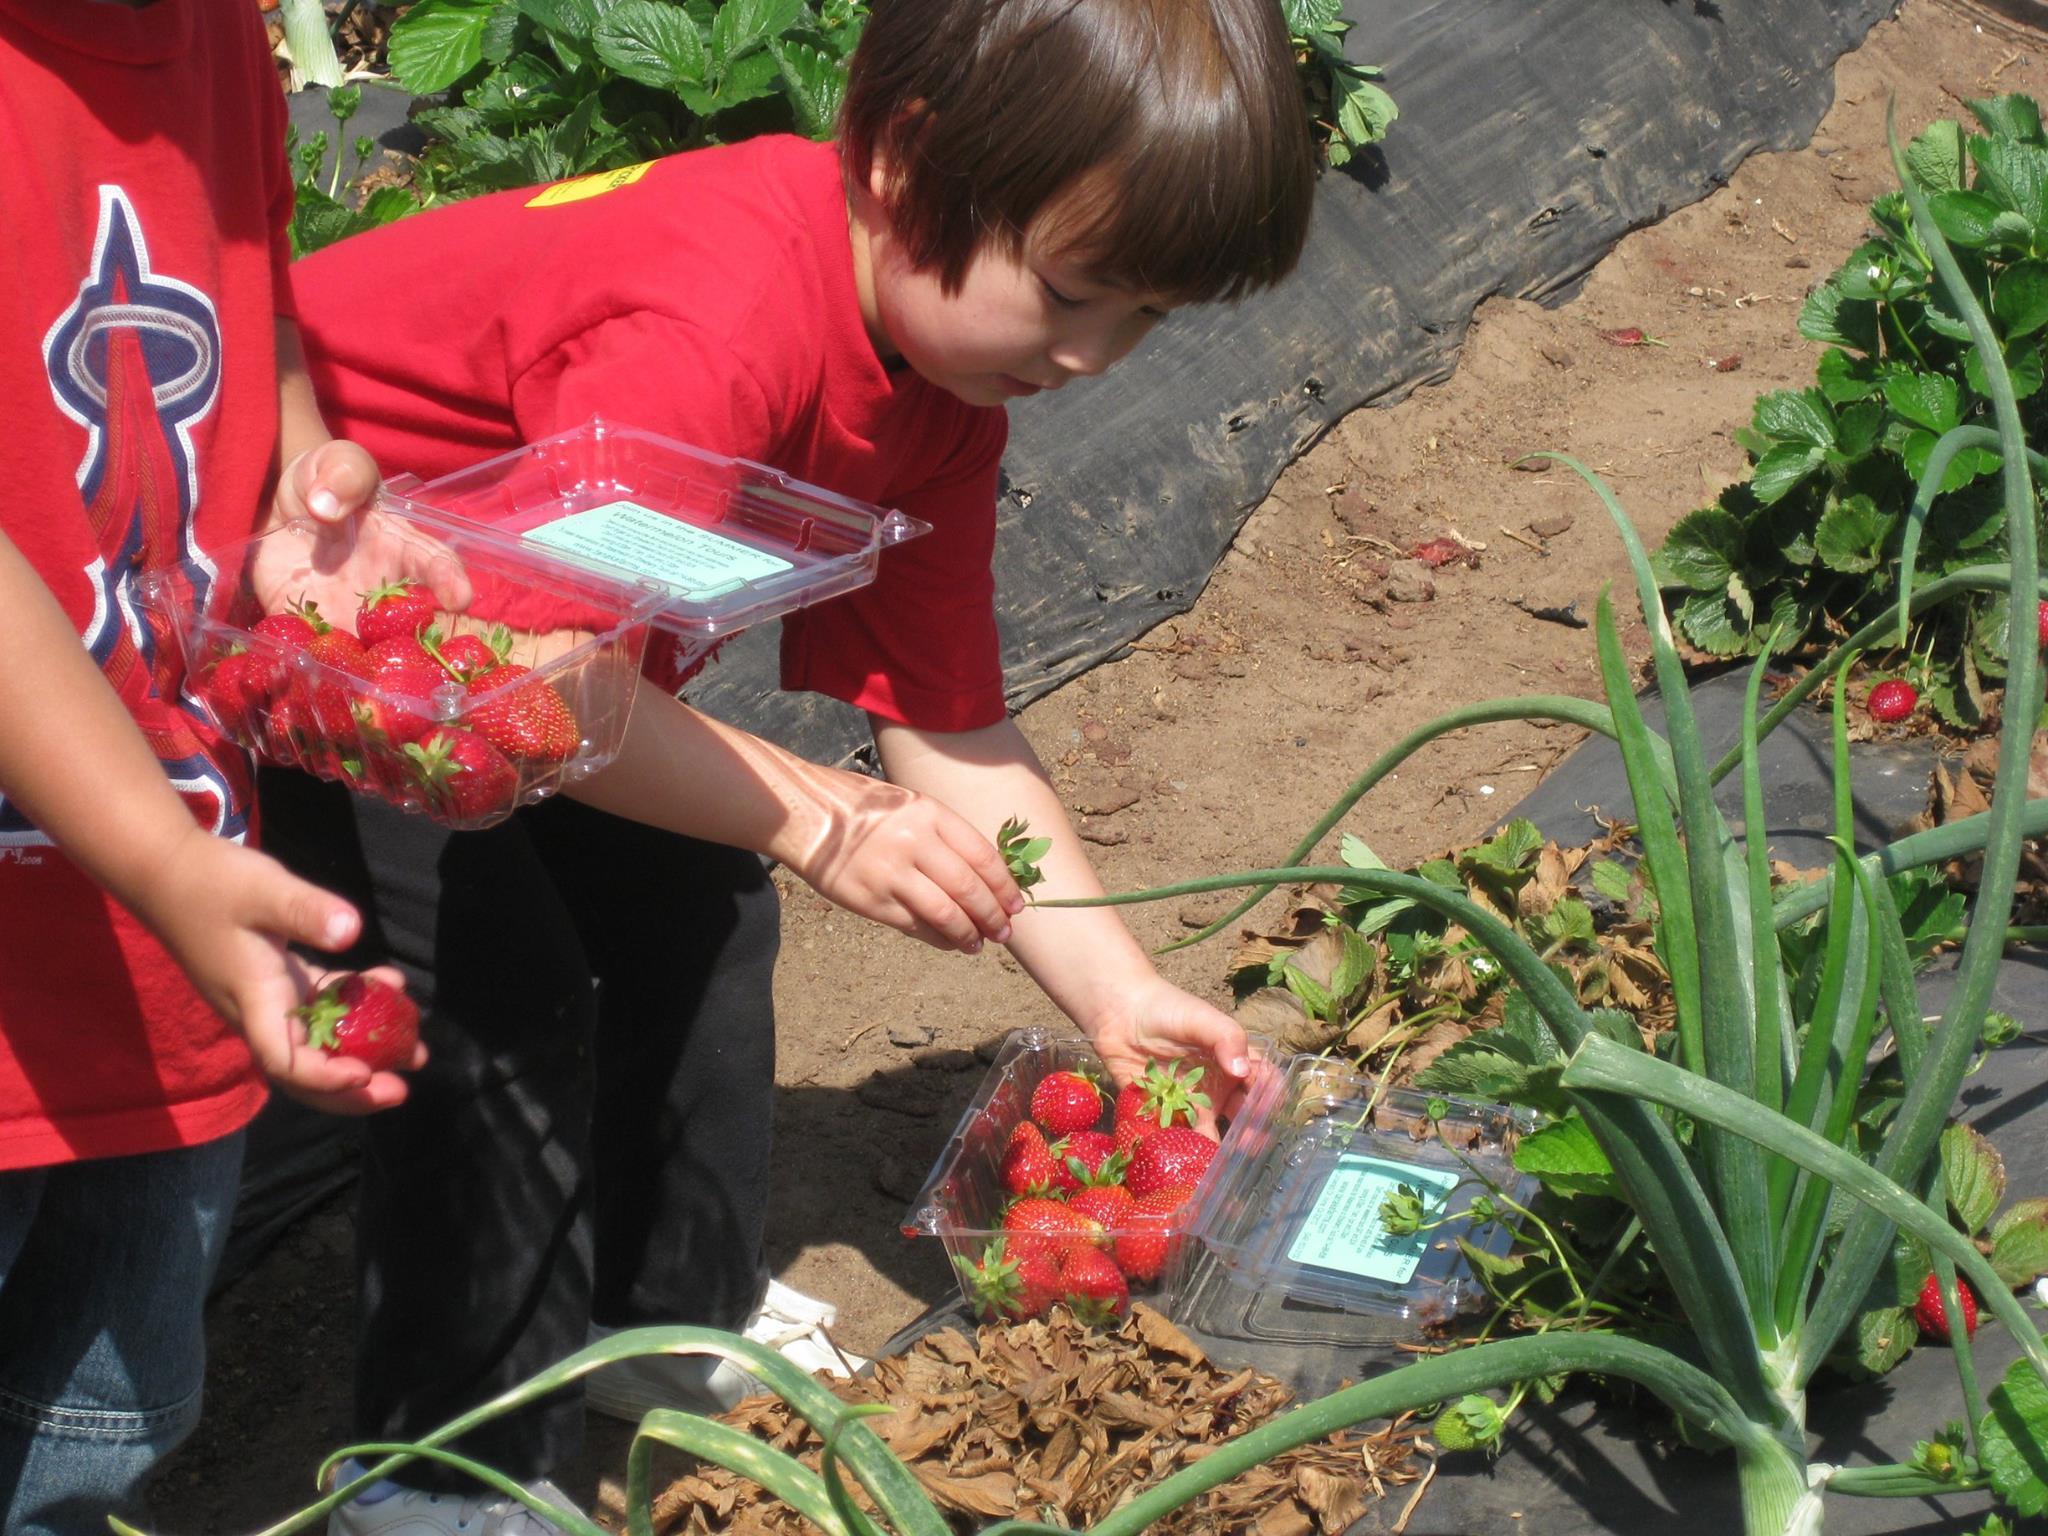 Little girls picking berries.jpg